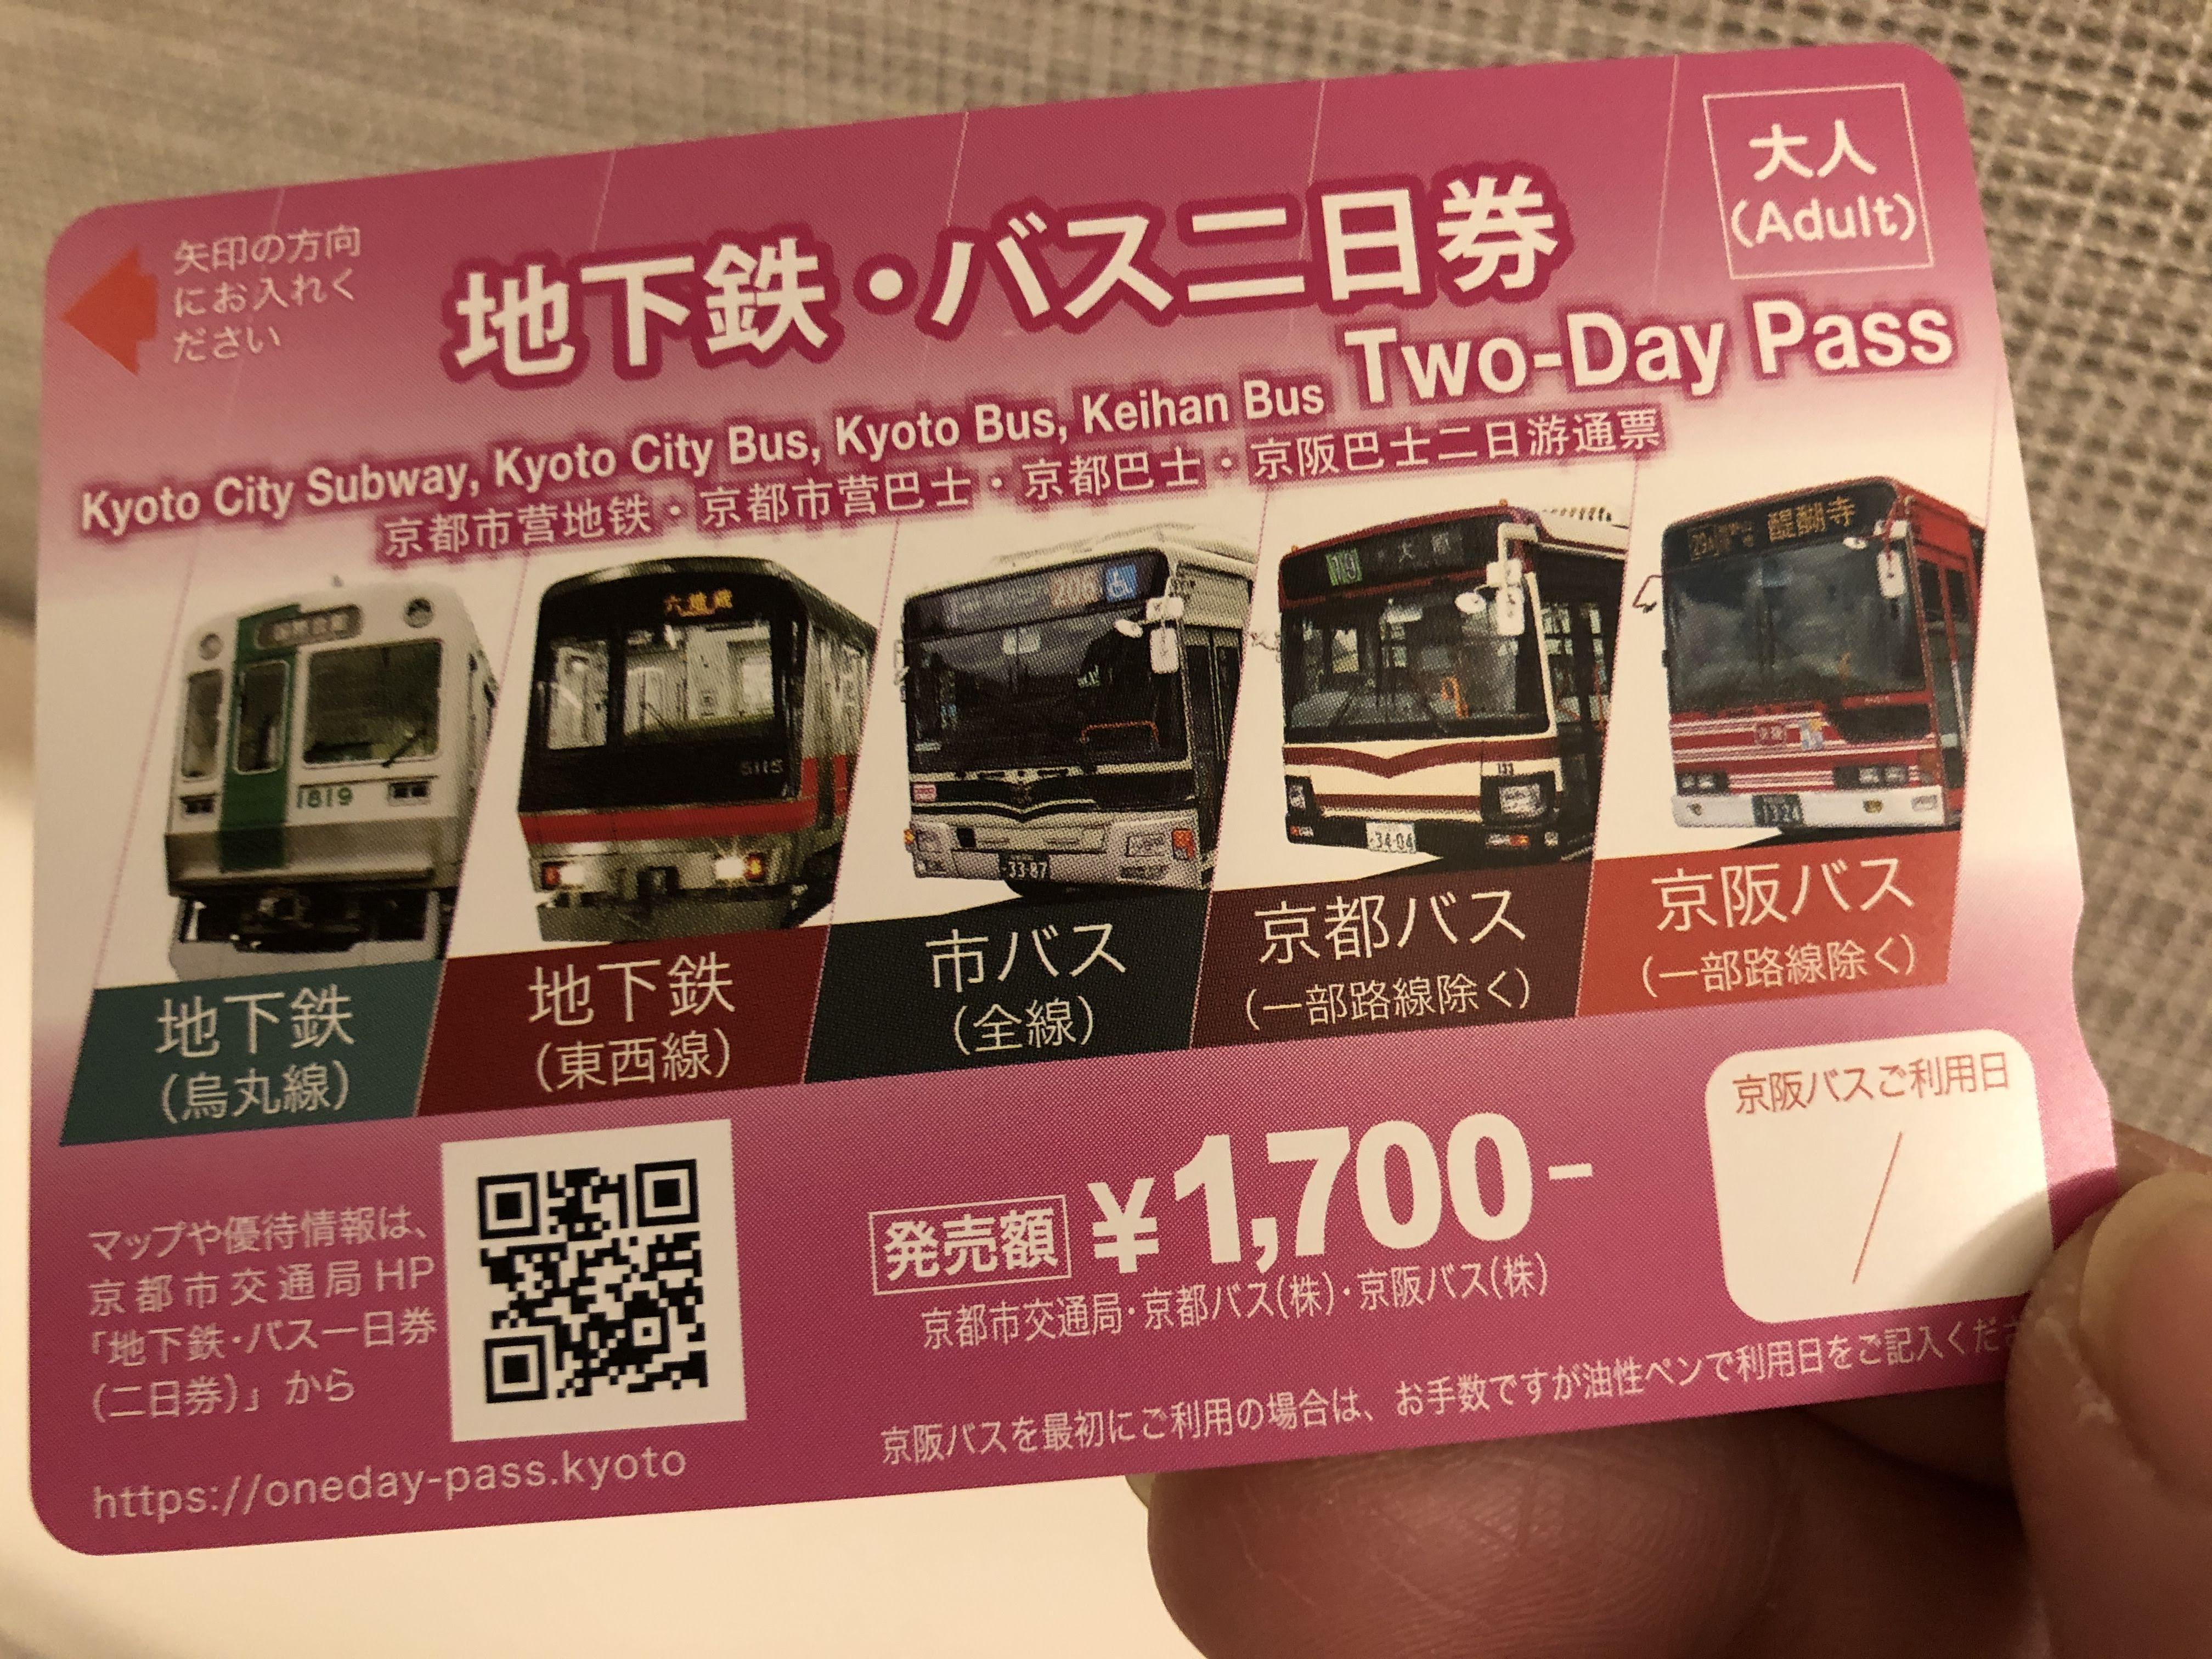 京都の地下鉄バス二日券